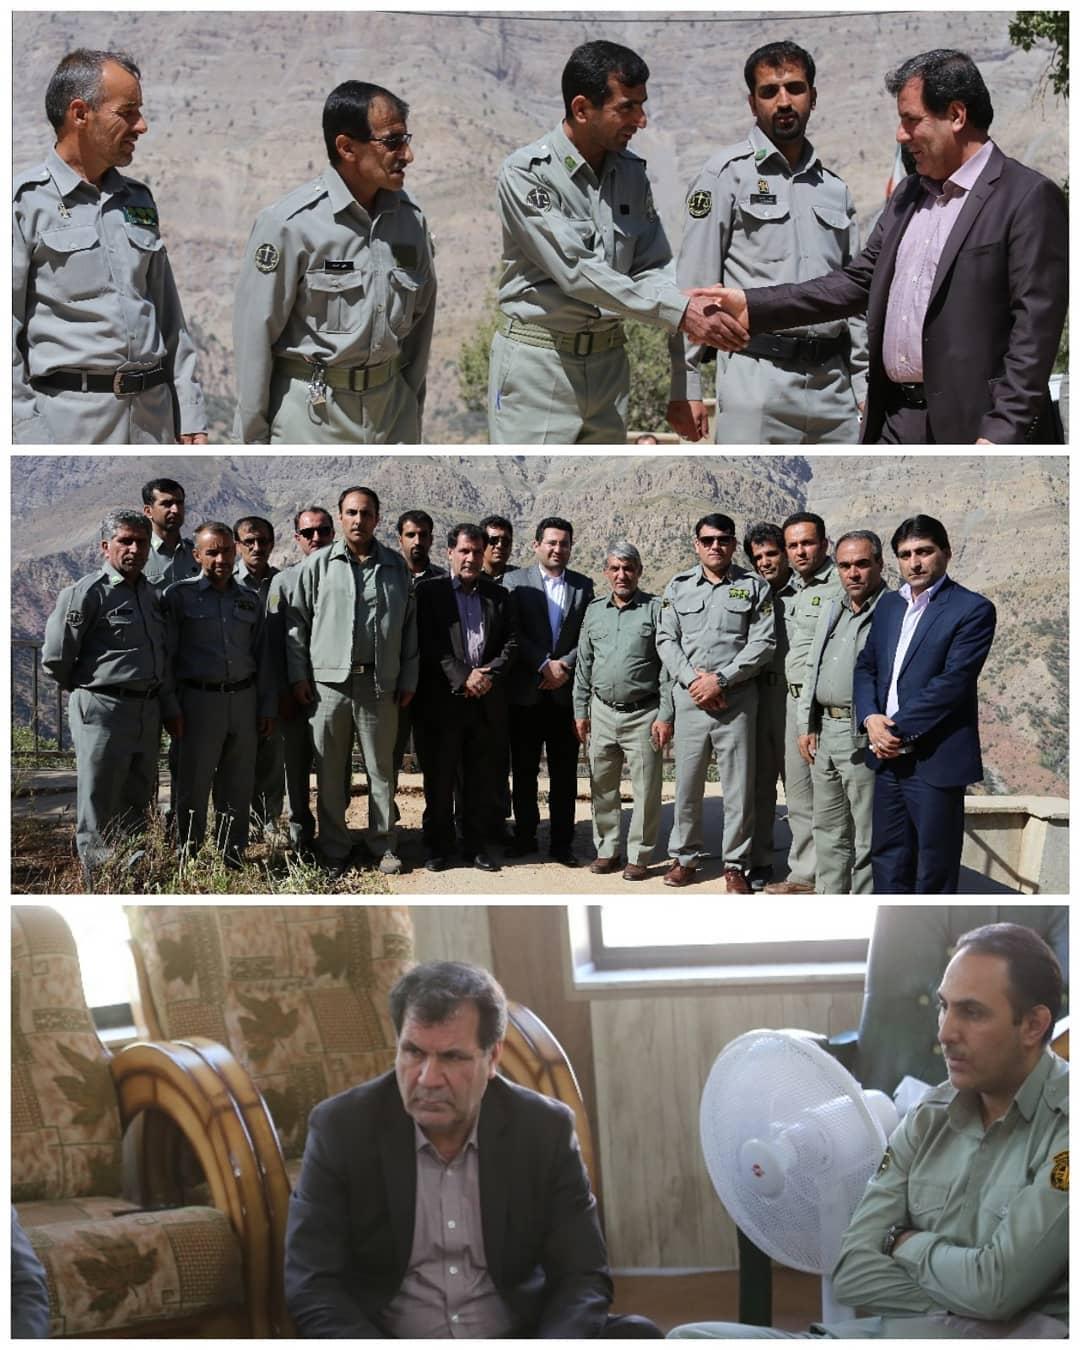 تجلیل استاندار از محیط بانان پارک ملی دنا/ گزارش های دلخراشی که به احمدی می رسد